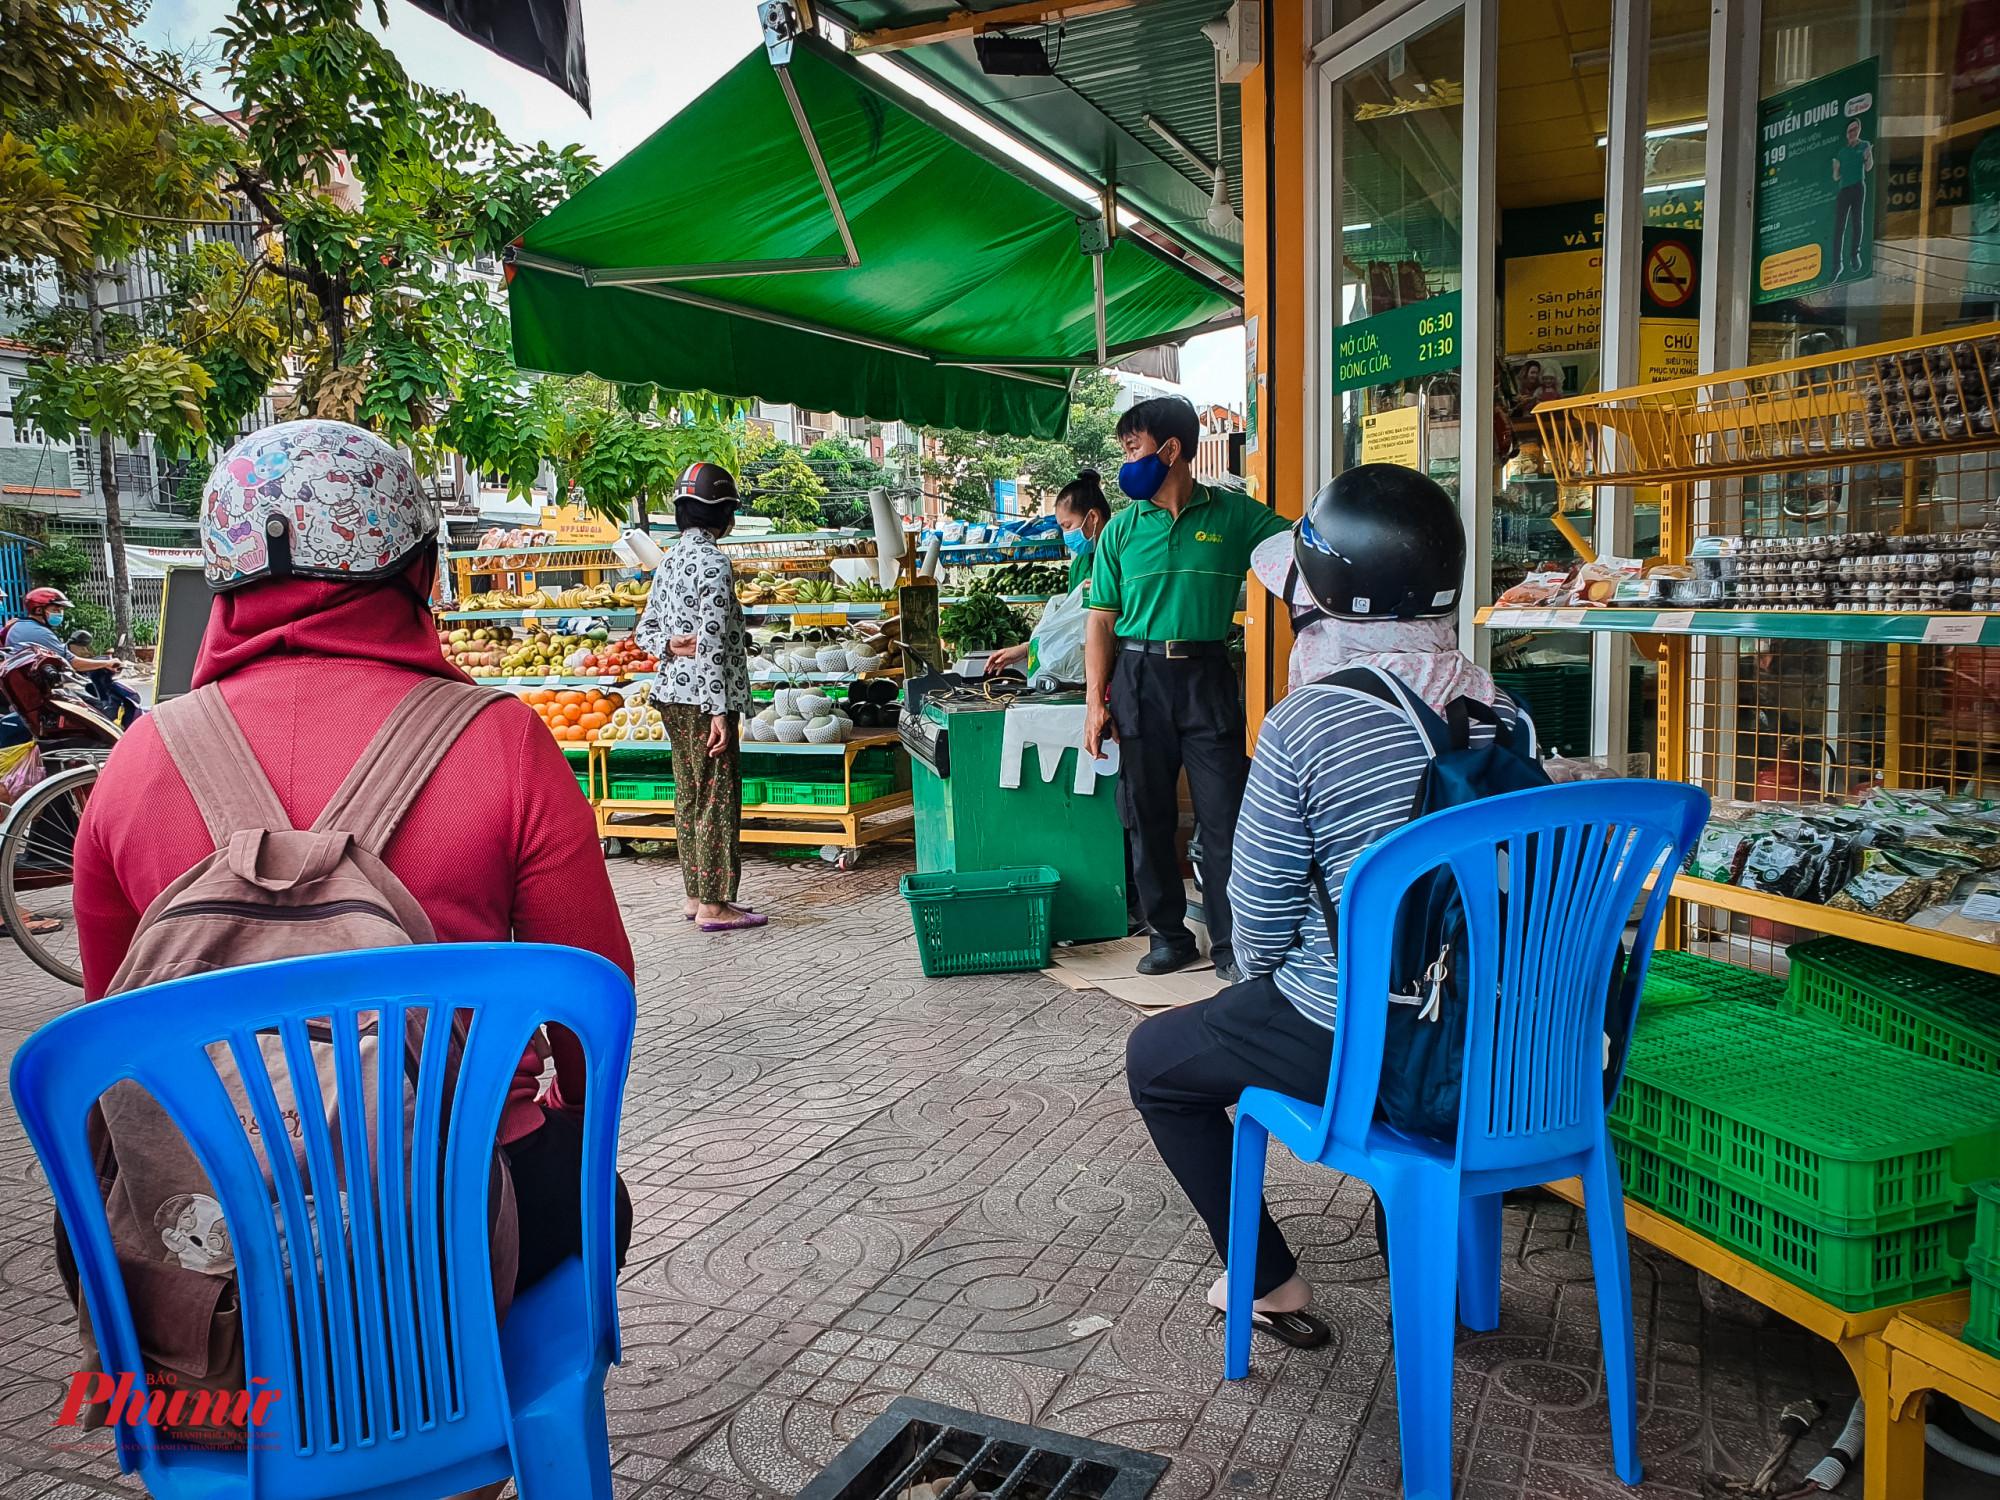 Một cửa hàng tiện lợi chủ động kiểm soát số người và trong mua hàng, những người đến sau phải xếp hàng chờ tới lượt vào mua hànhg